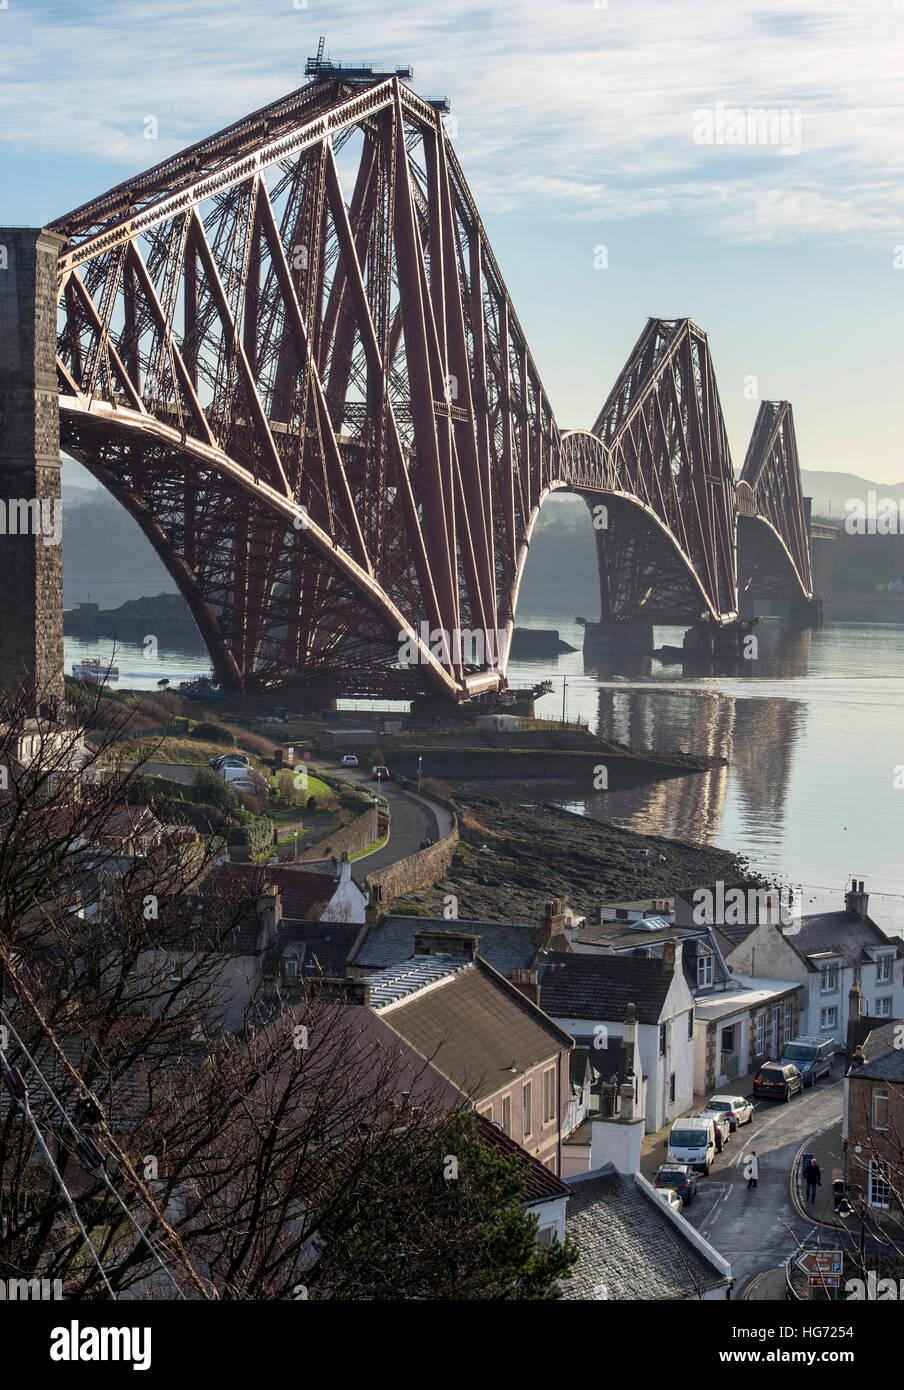 El puente ferroviario de Forth visto desde la aldea de North Queensferry mirando al sur sobre el Firth of Forth. Imagen De Stock